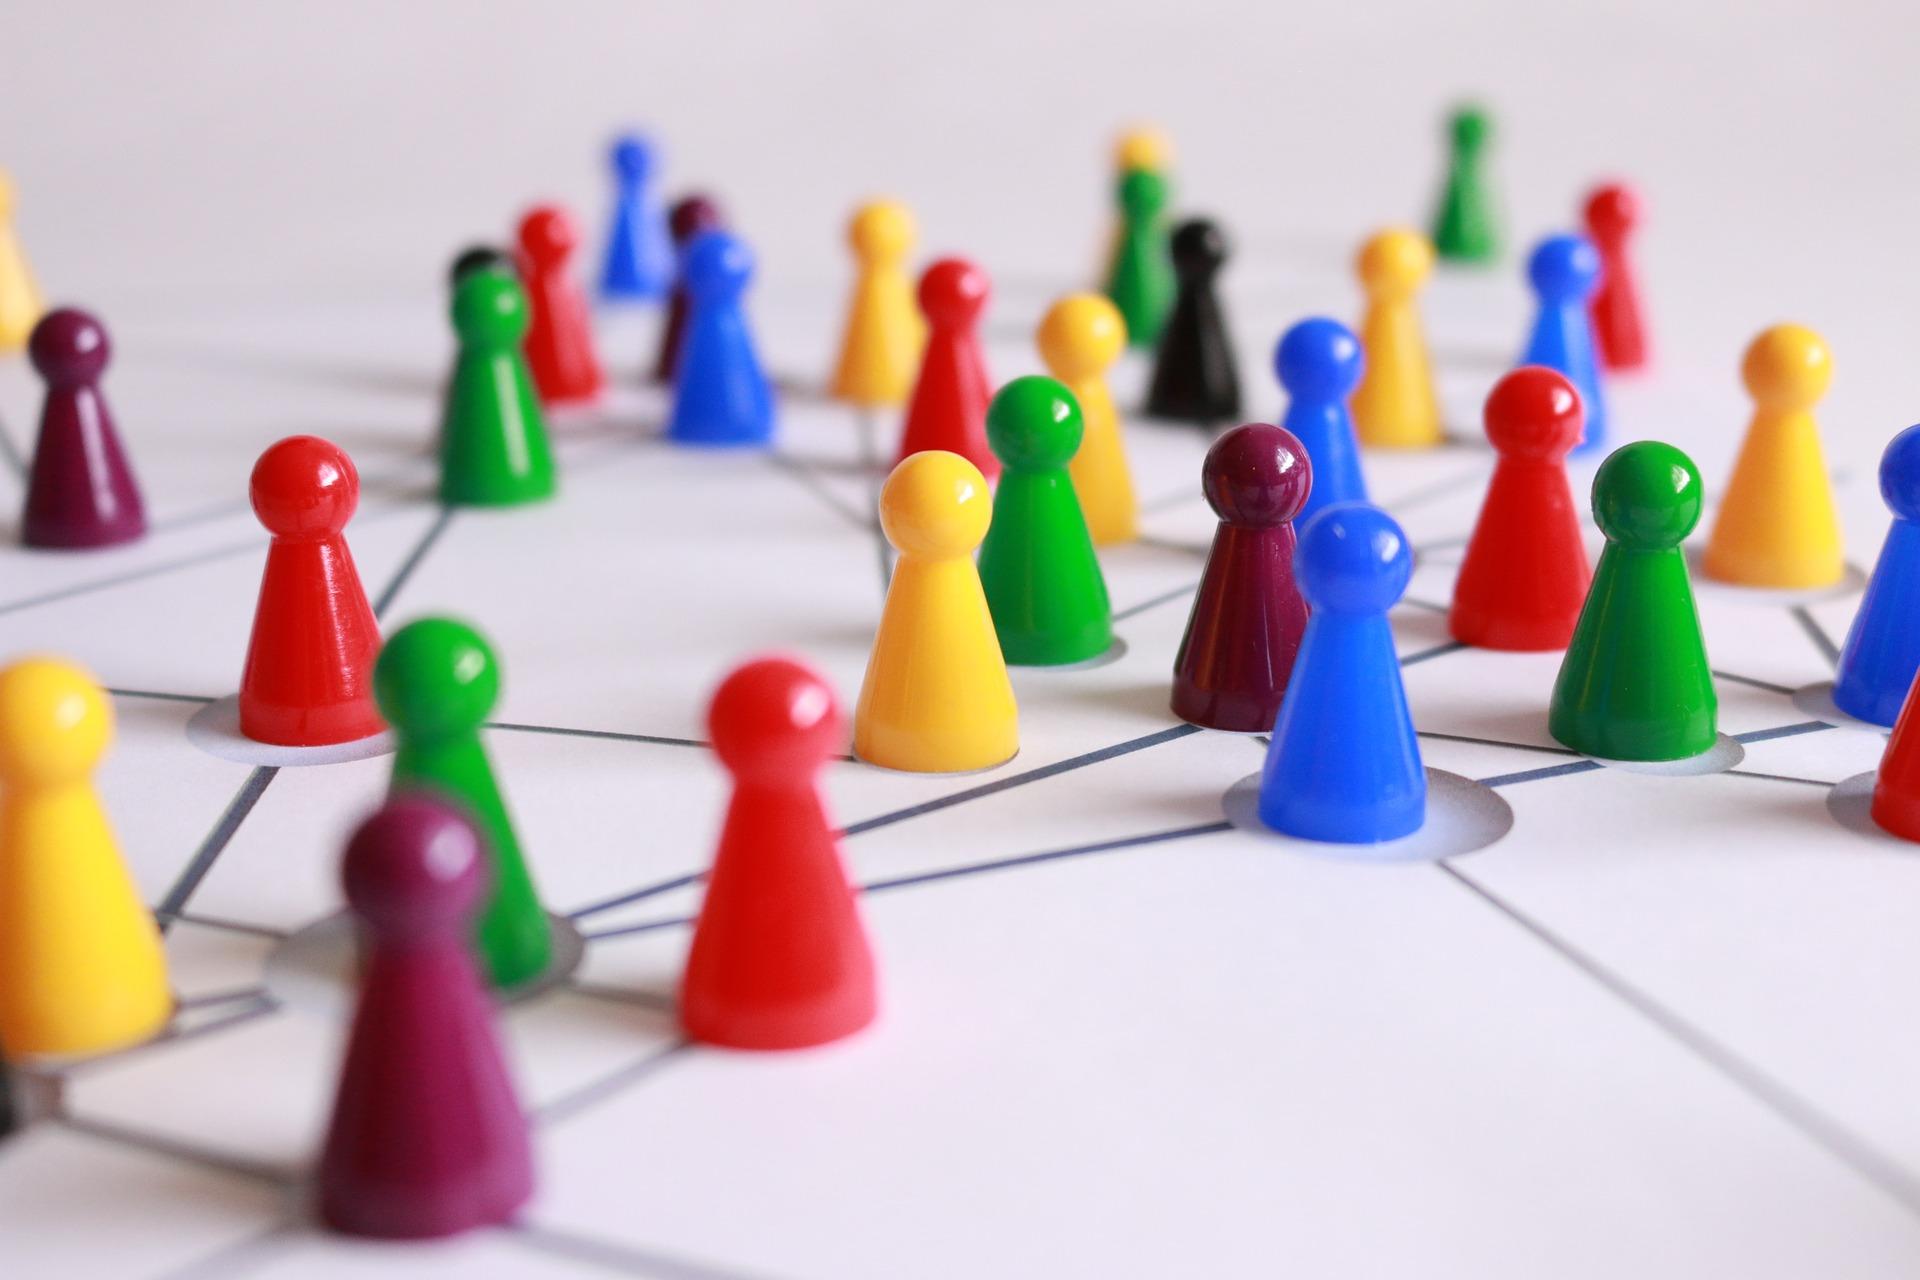 Networking para emprendedores: las ventajas de generar contactos profesionales